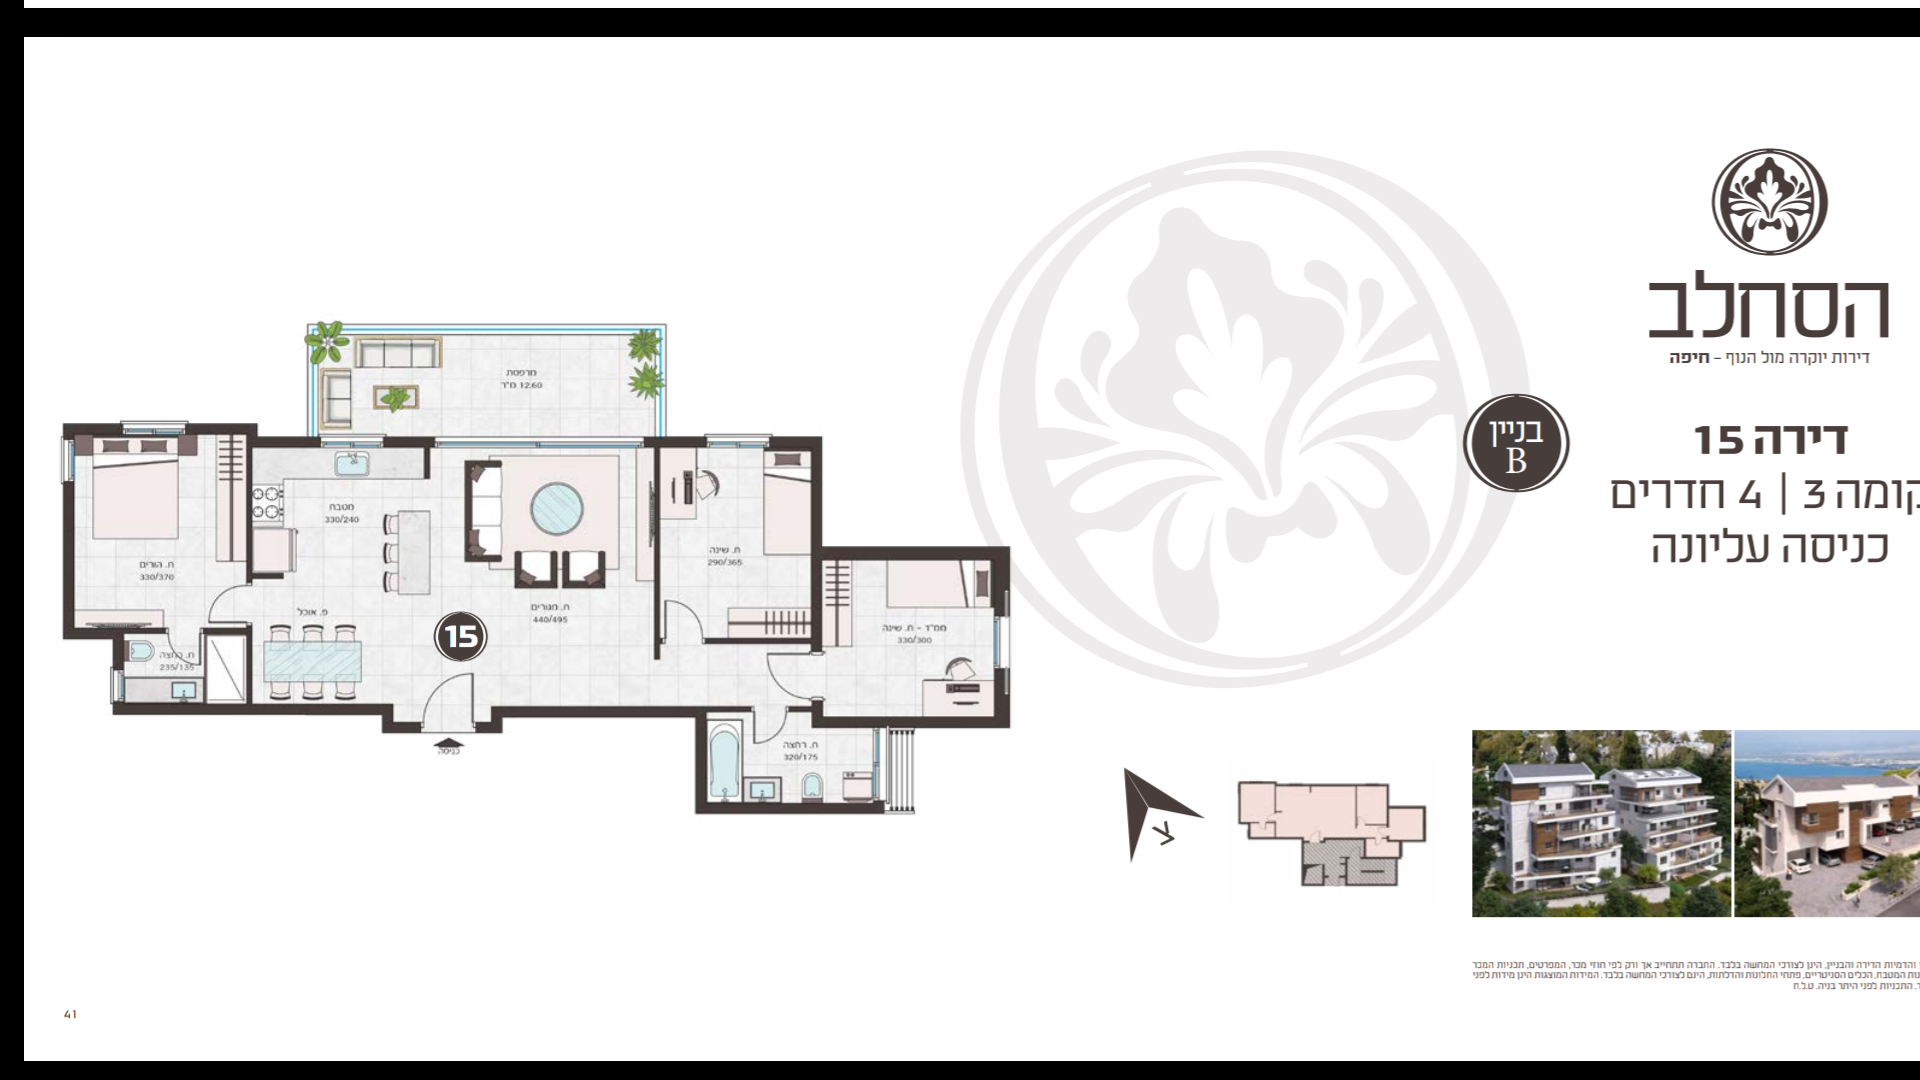 דירה 15